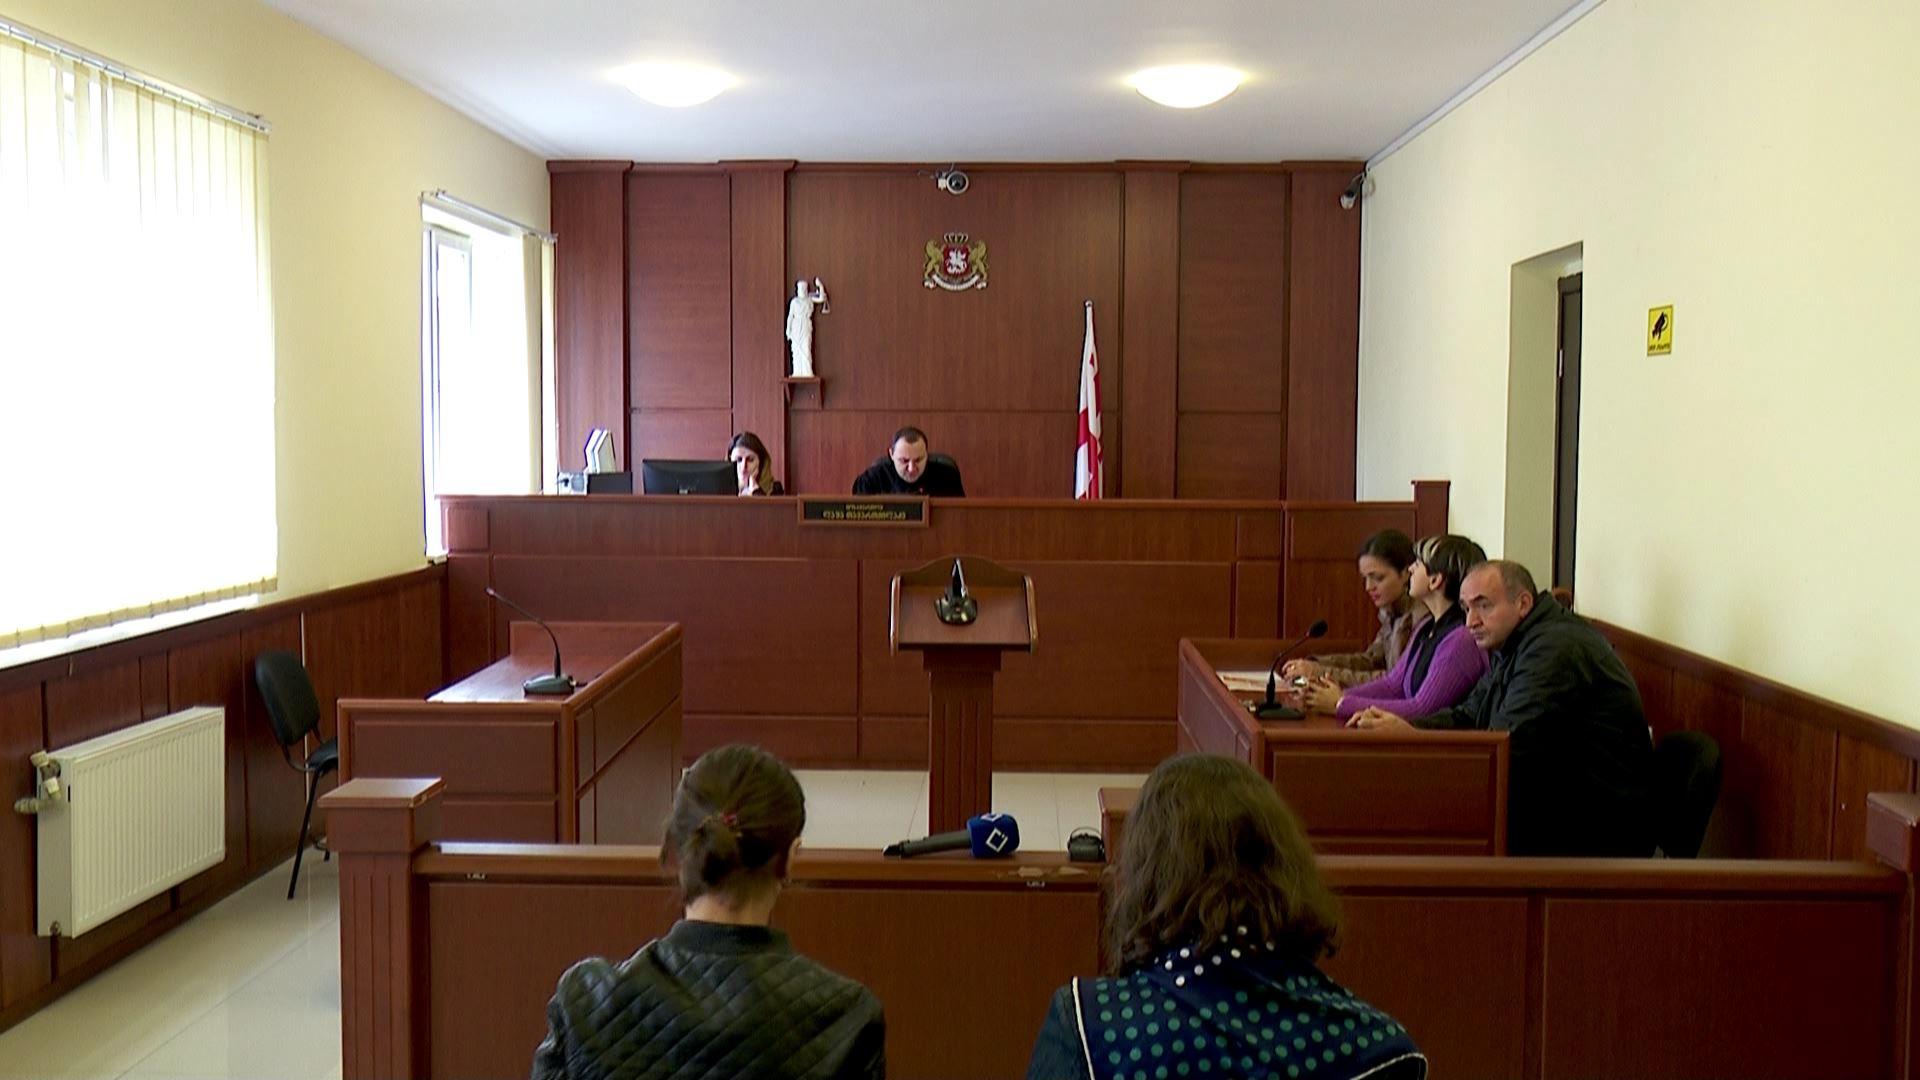 საკუთრების უფლების ჩამორთმევა - სასამართლოს განაჩენი